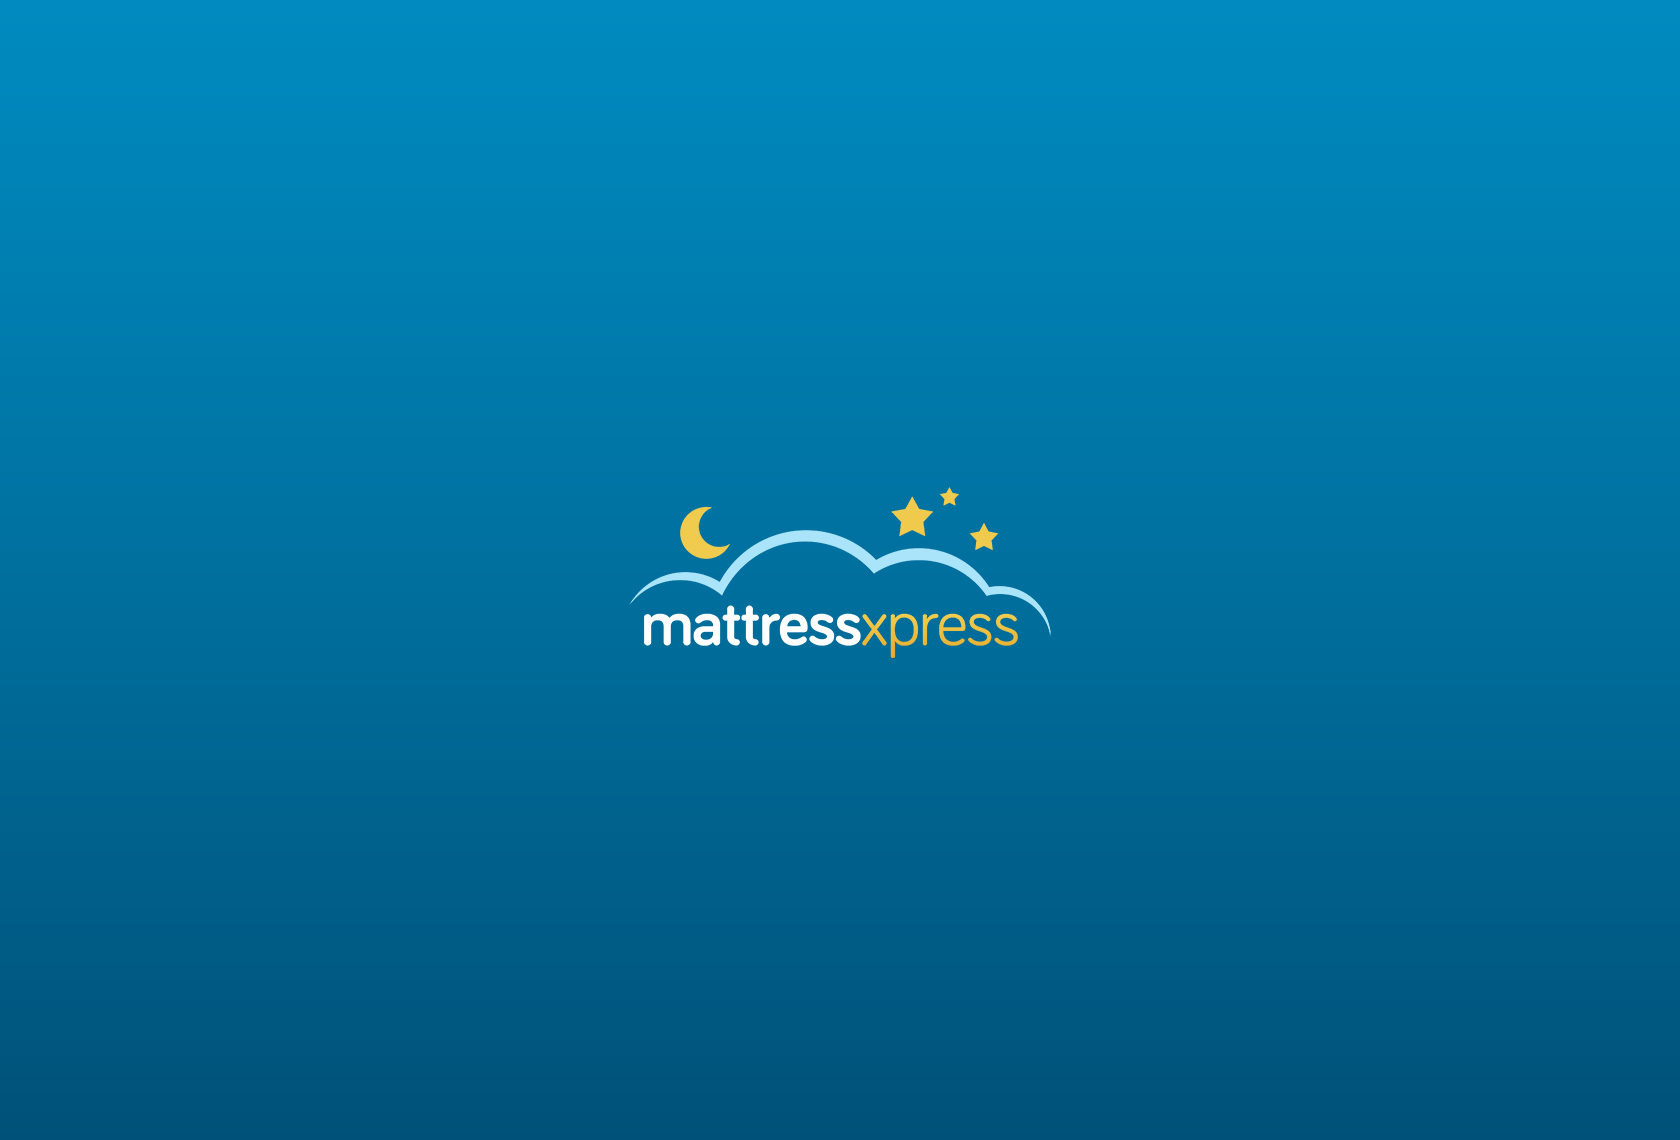 Mattress Xpress Logo Light - Mattress Xpress - Creative Digital